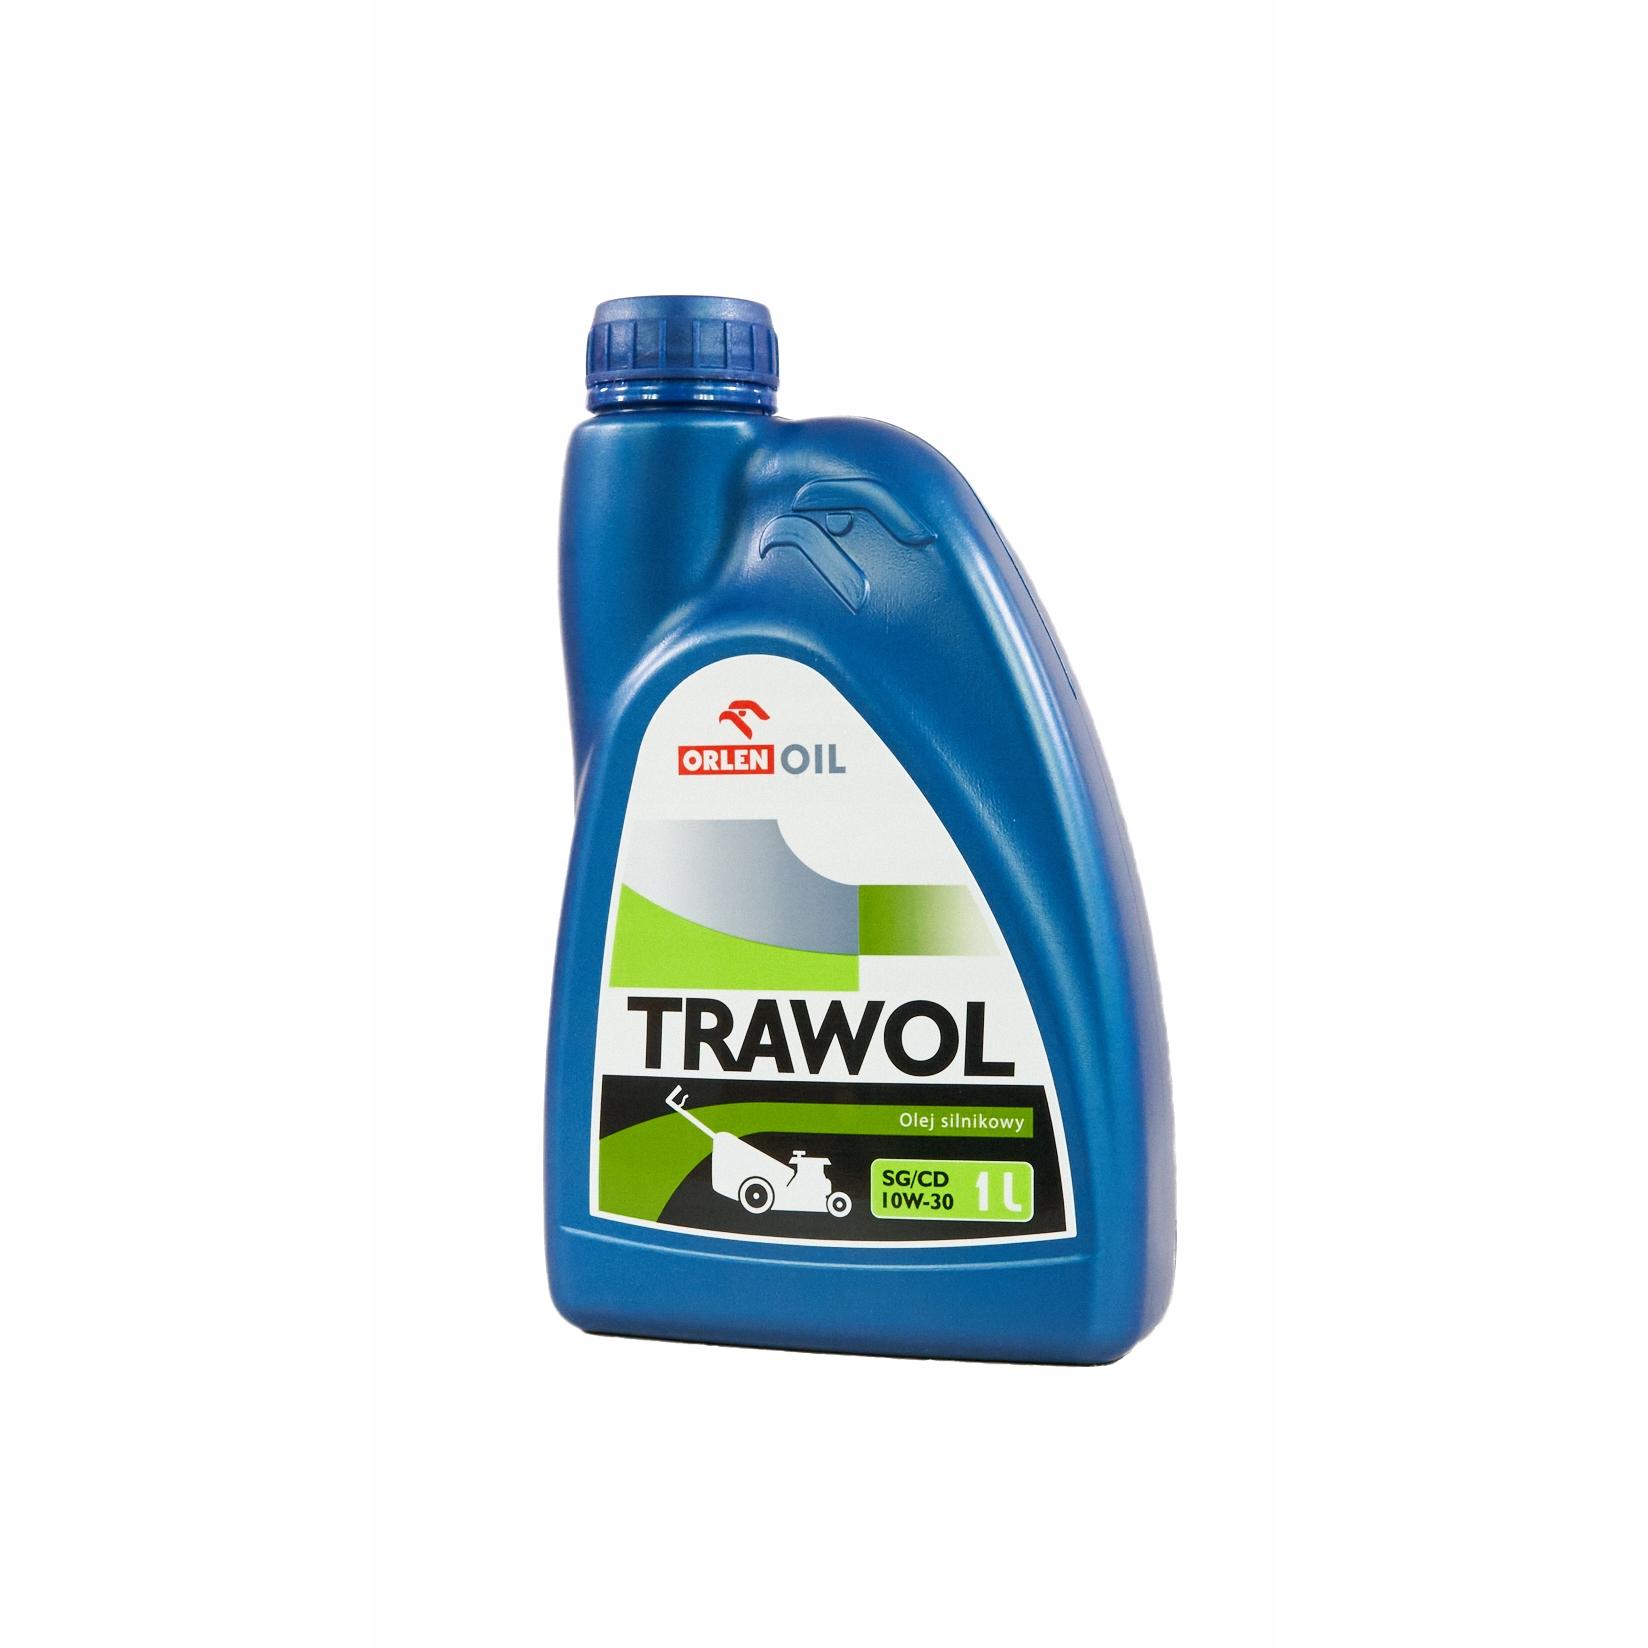 Масляная косилка TRAWOL SG / CD 10W30 1L Scheppach